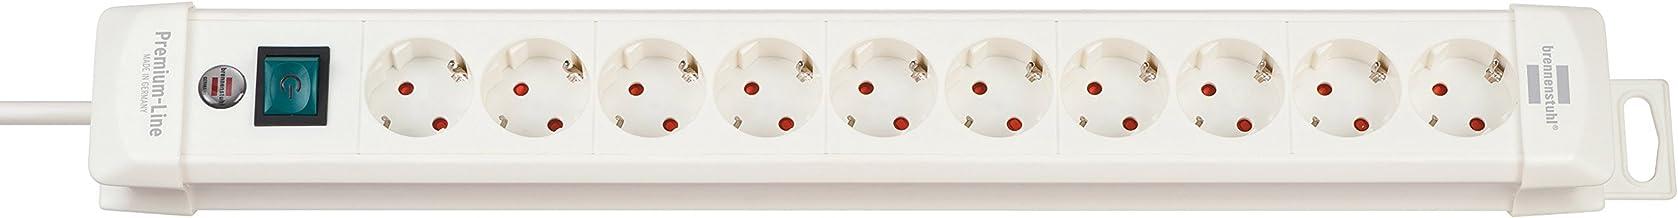 Brennenstuhl Premium-Line Stekkerdoos, 10 stopcontacten, stekkerdoos met schakelaar, hoek van 45 graden 10-voudig. wit